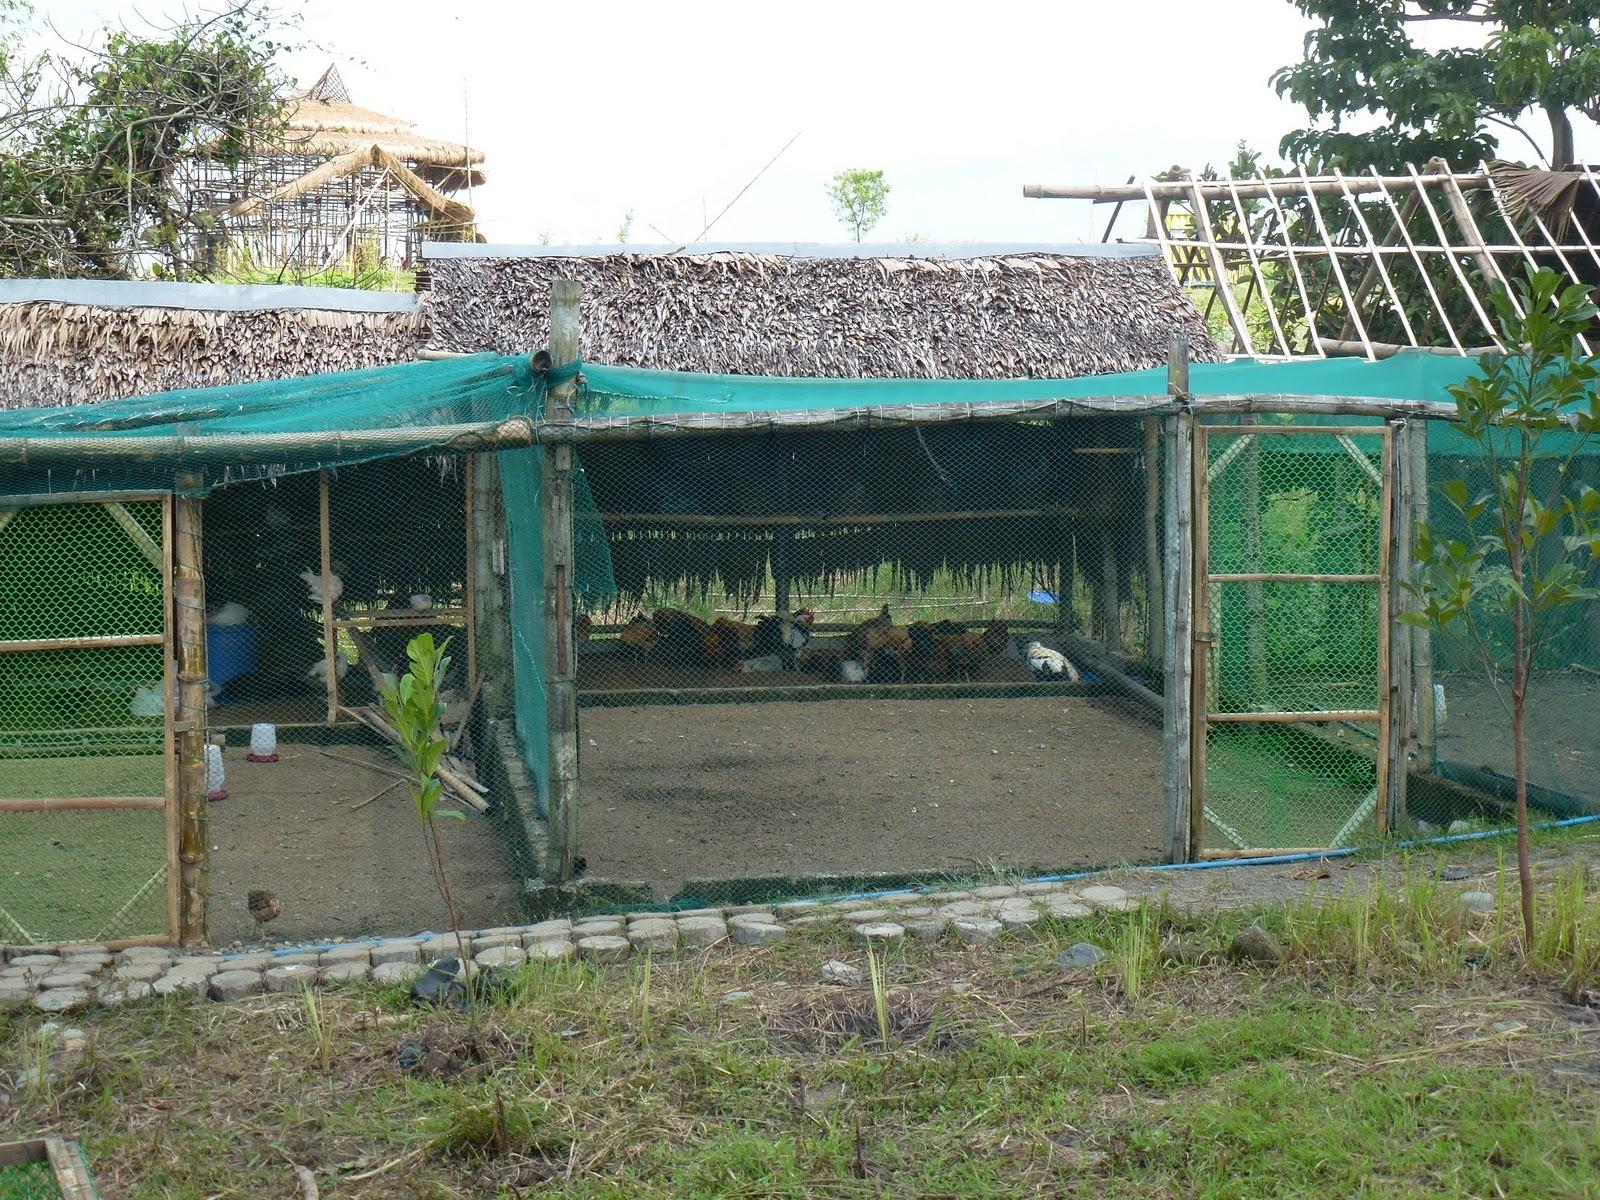 free range chicken house design philippines